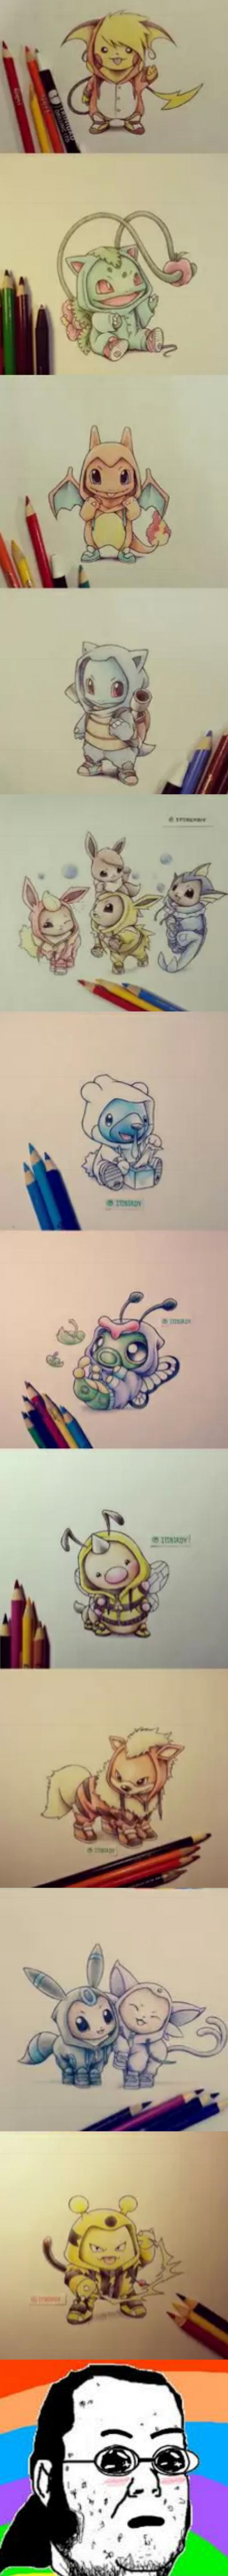 Friki - ¡Pokemones disfrazados y dibujados!